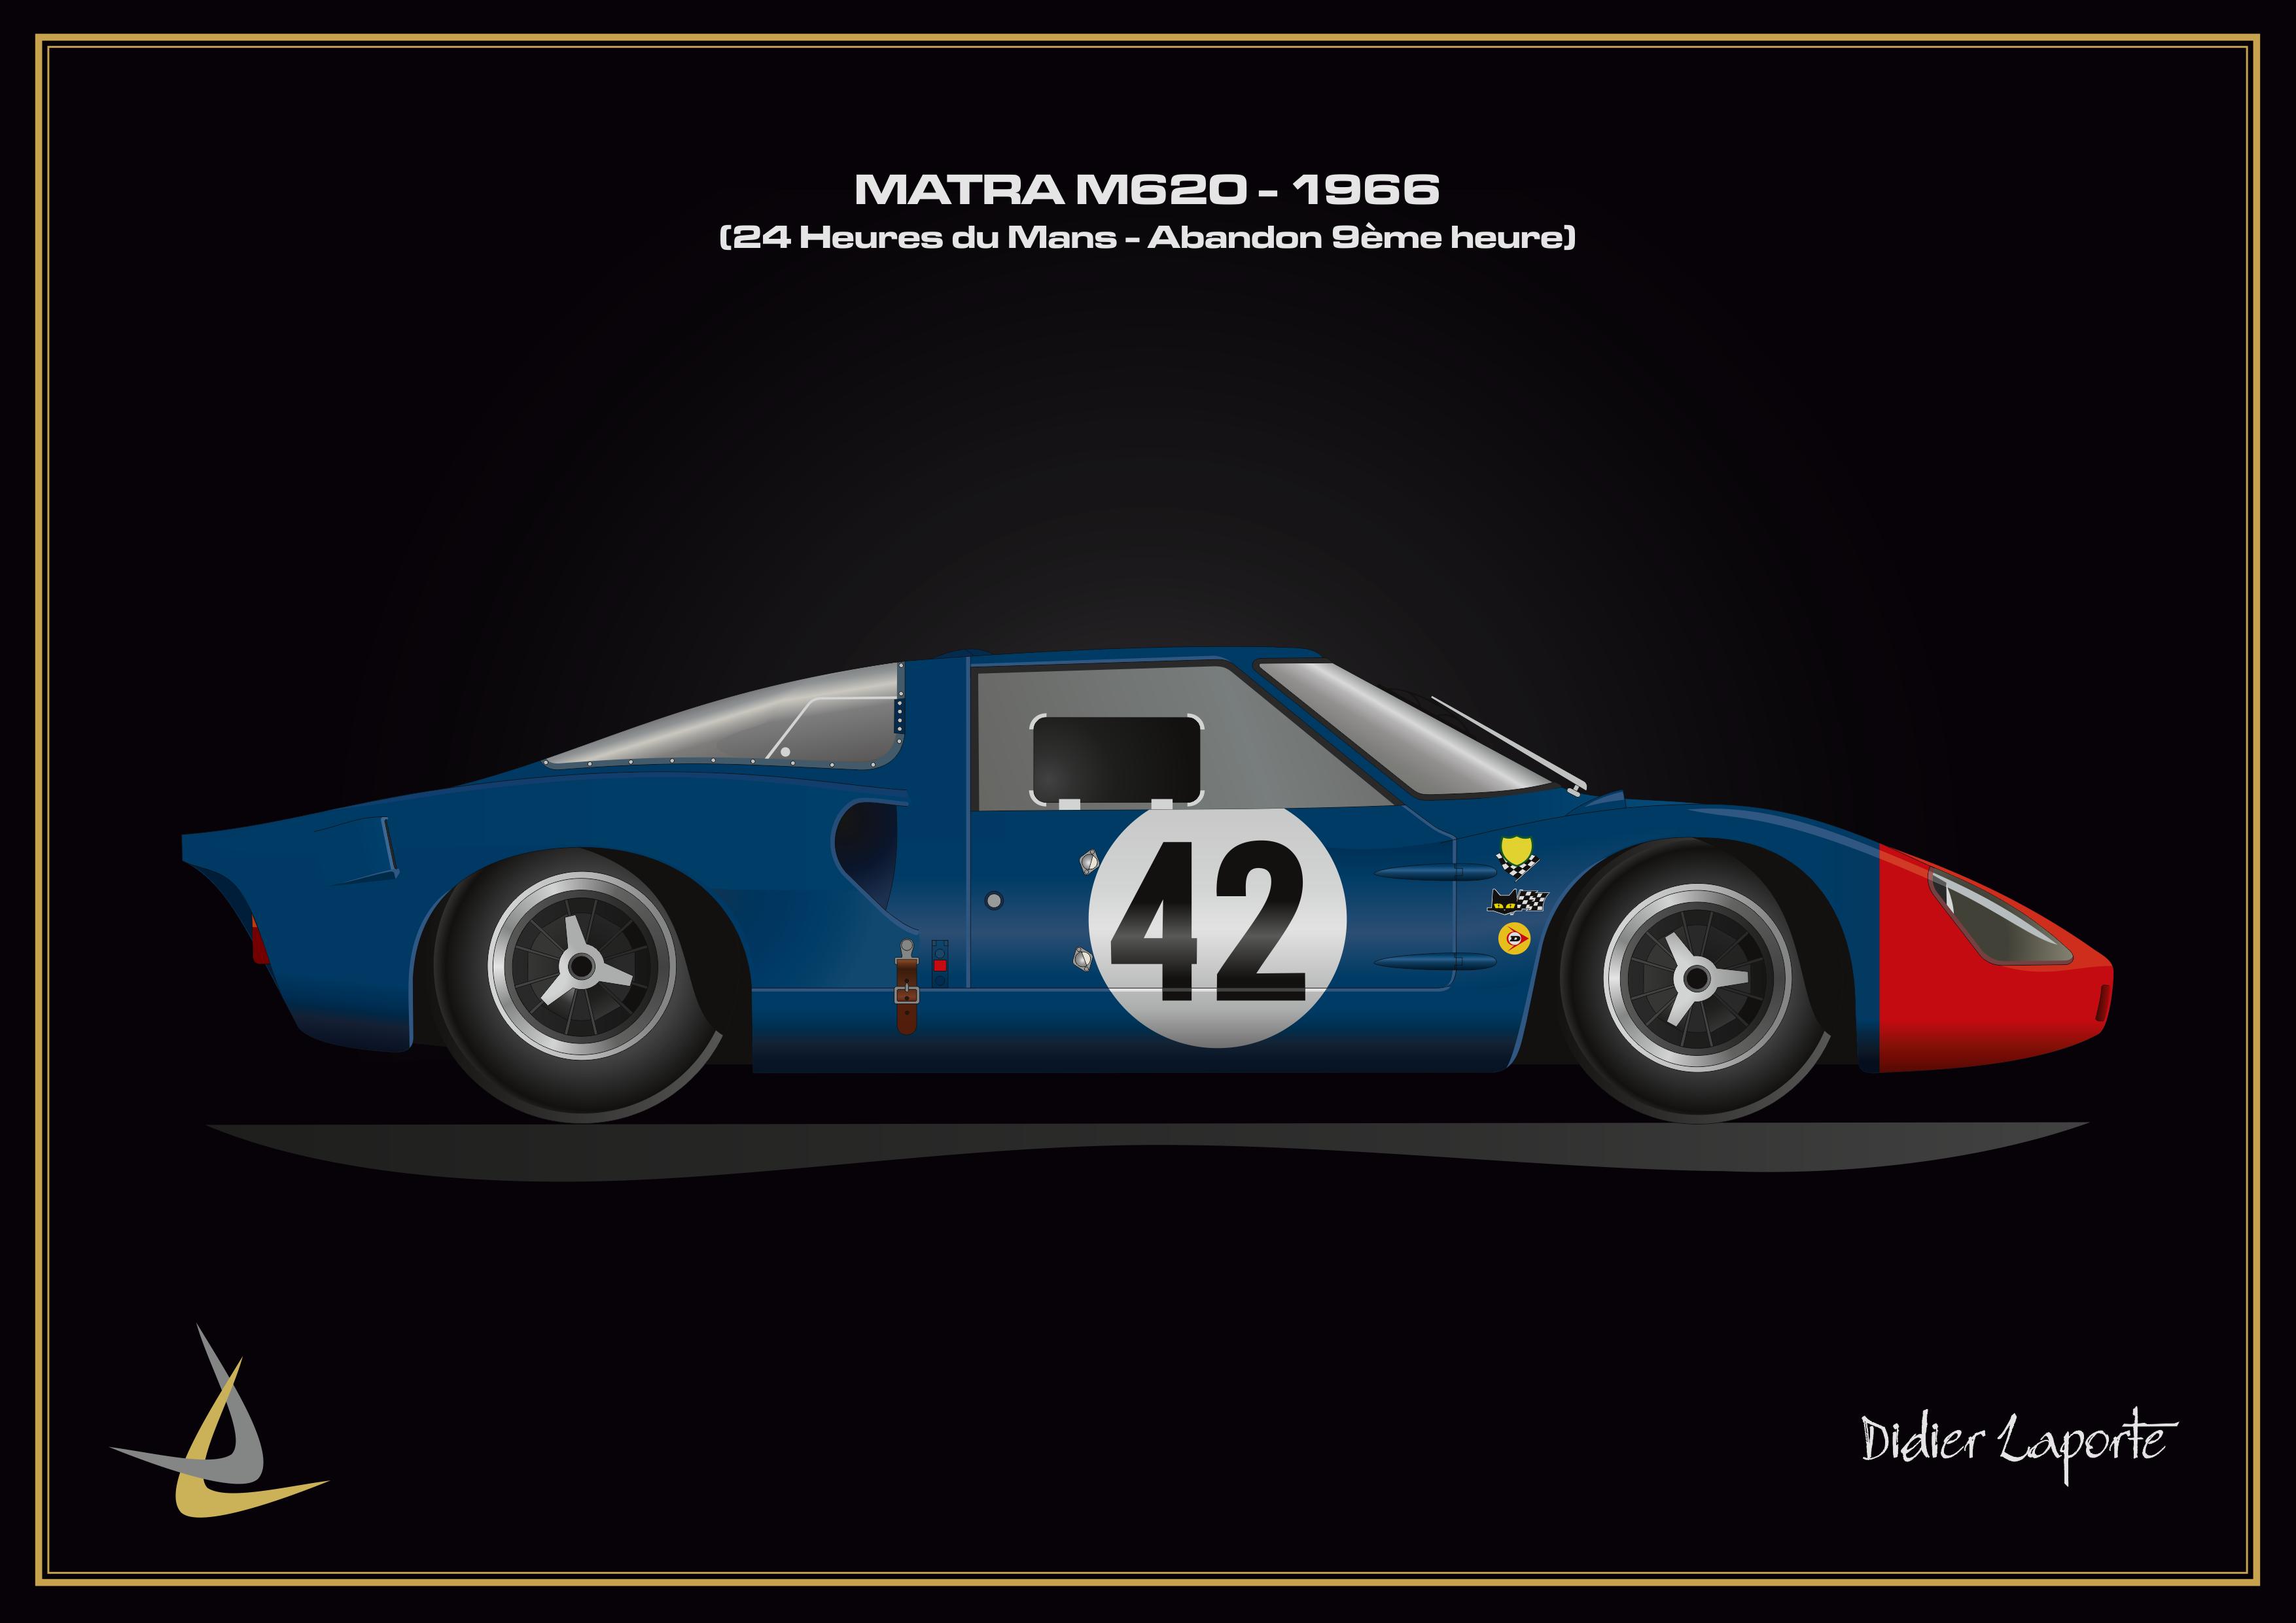 Épinglé par laporte didier sur Racing cars drawings ...